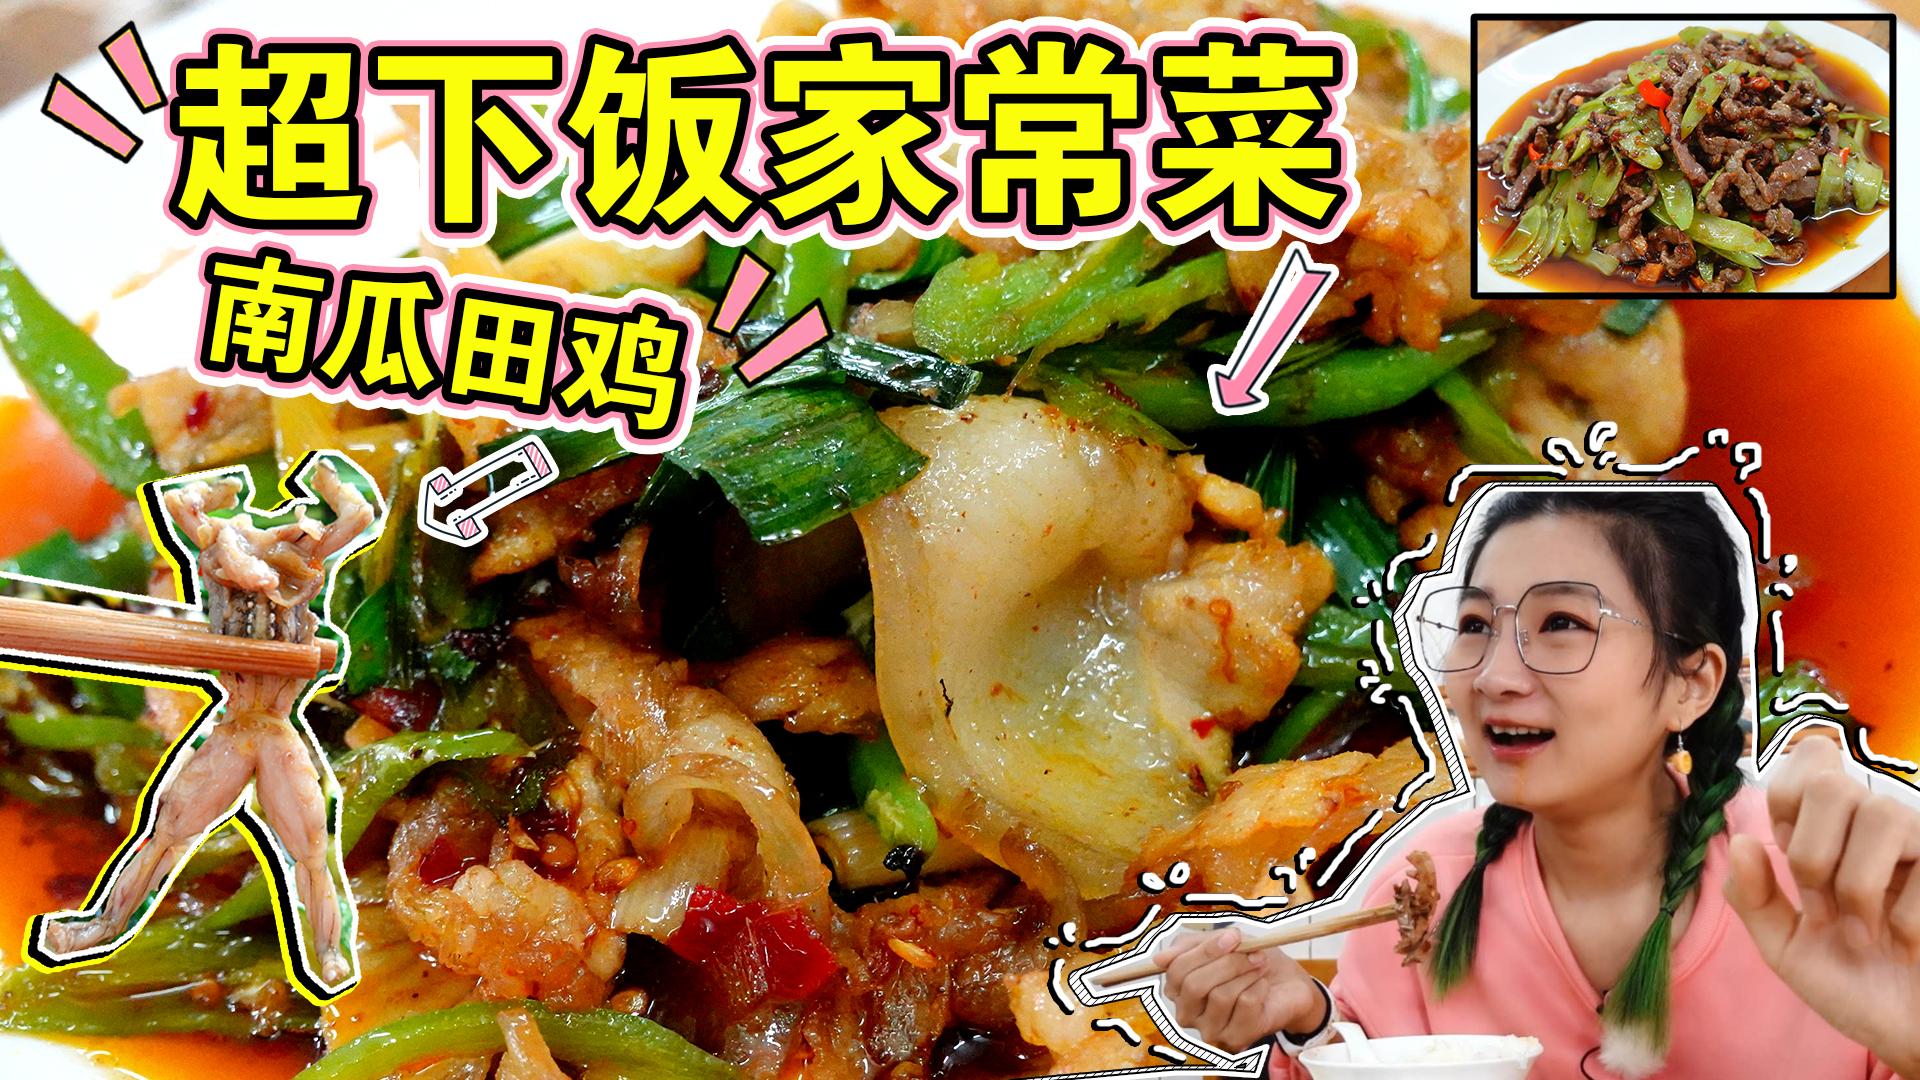 【逛吃宜宾】干饭人必备!苍蝇小馆的爆炒,米饭2元随便吃